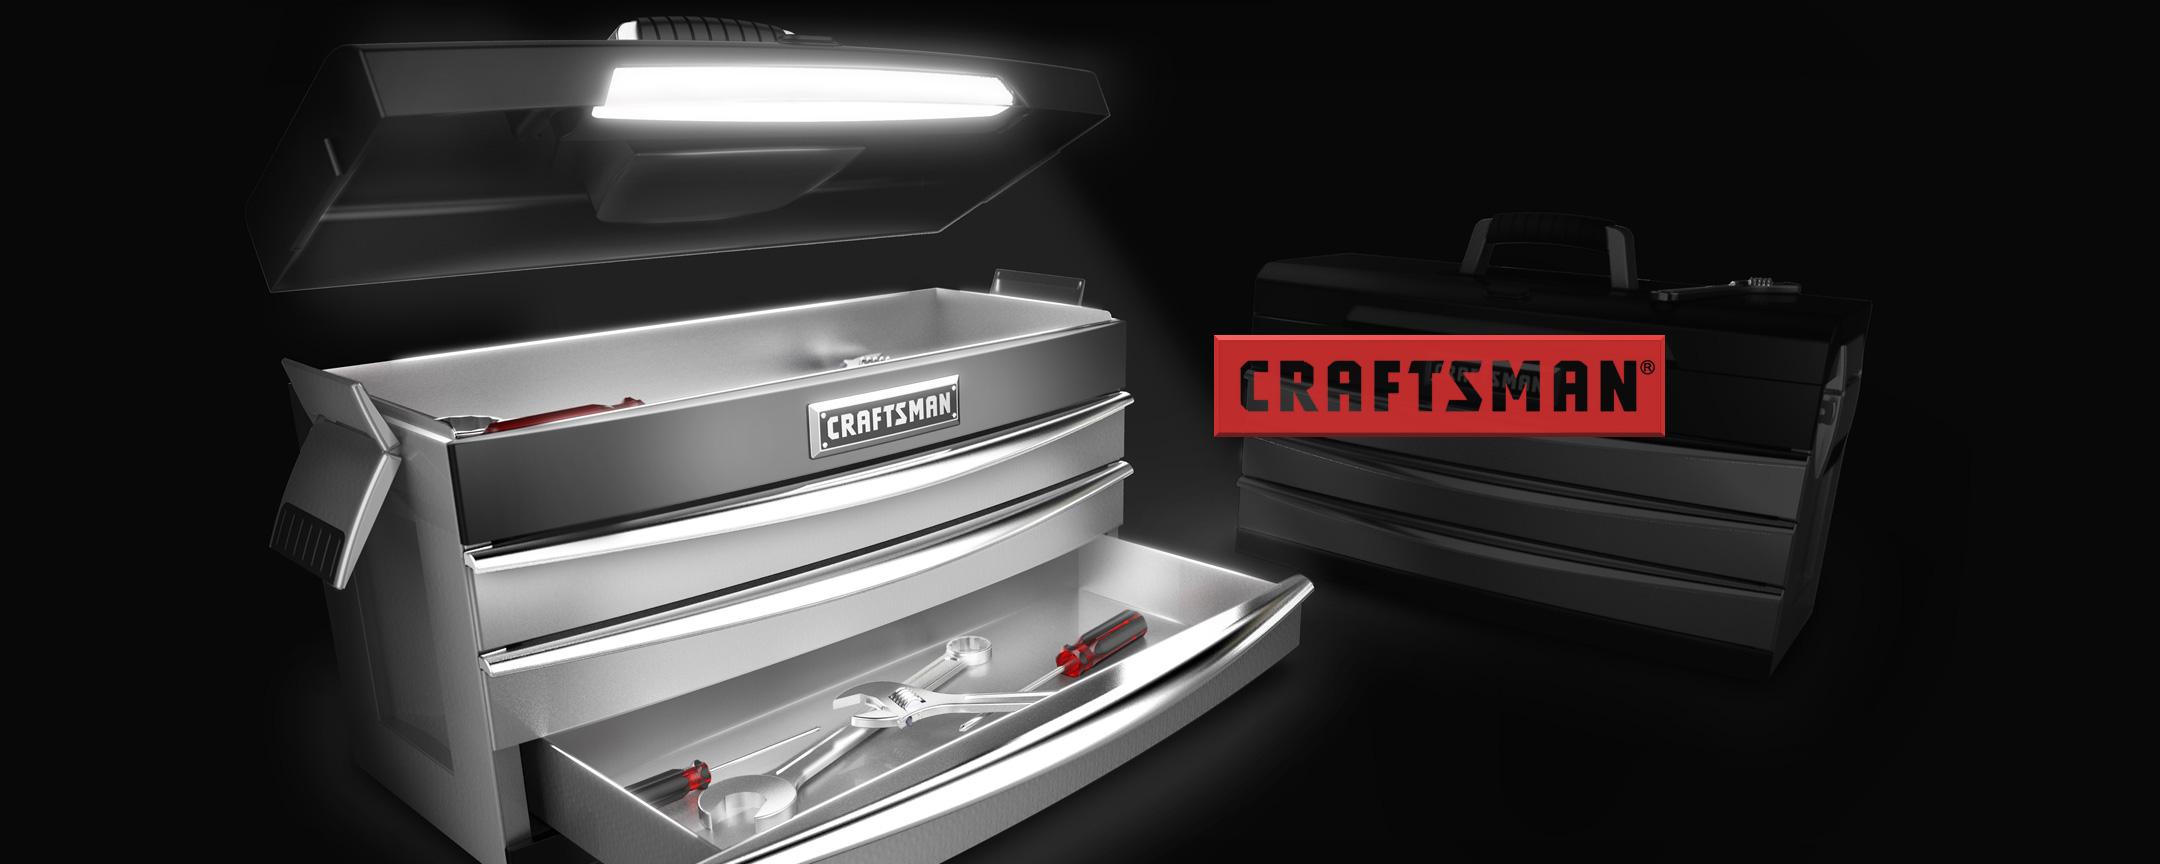 Craftsman Storage